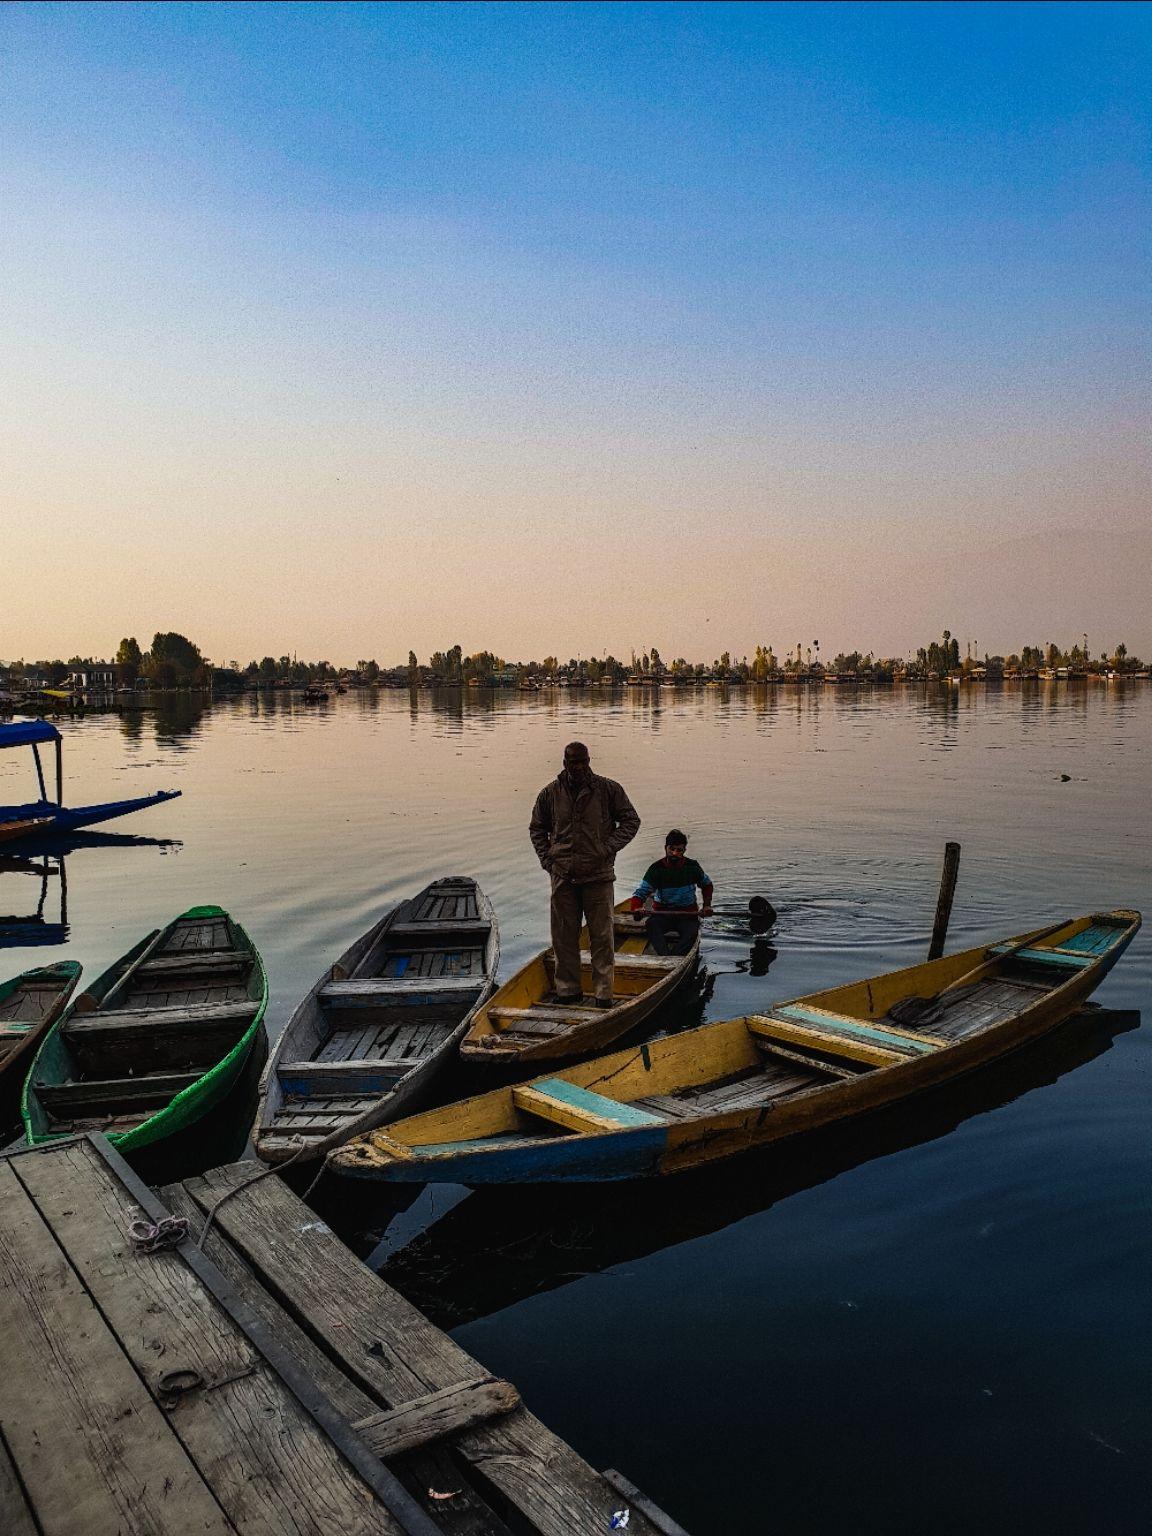 Photo of Dal Lake By Waleed tak